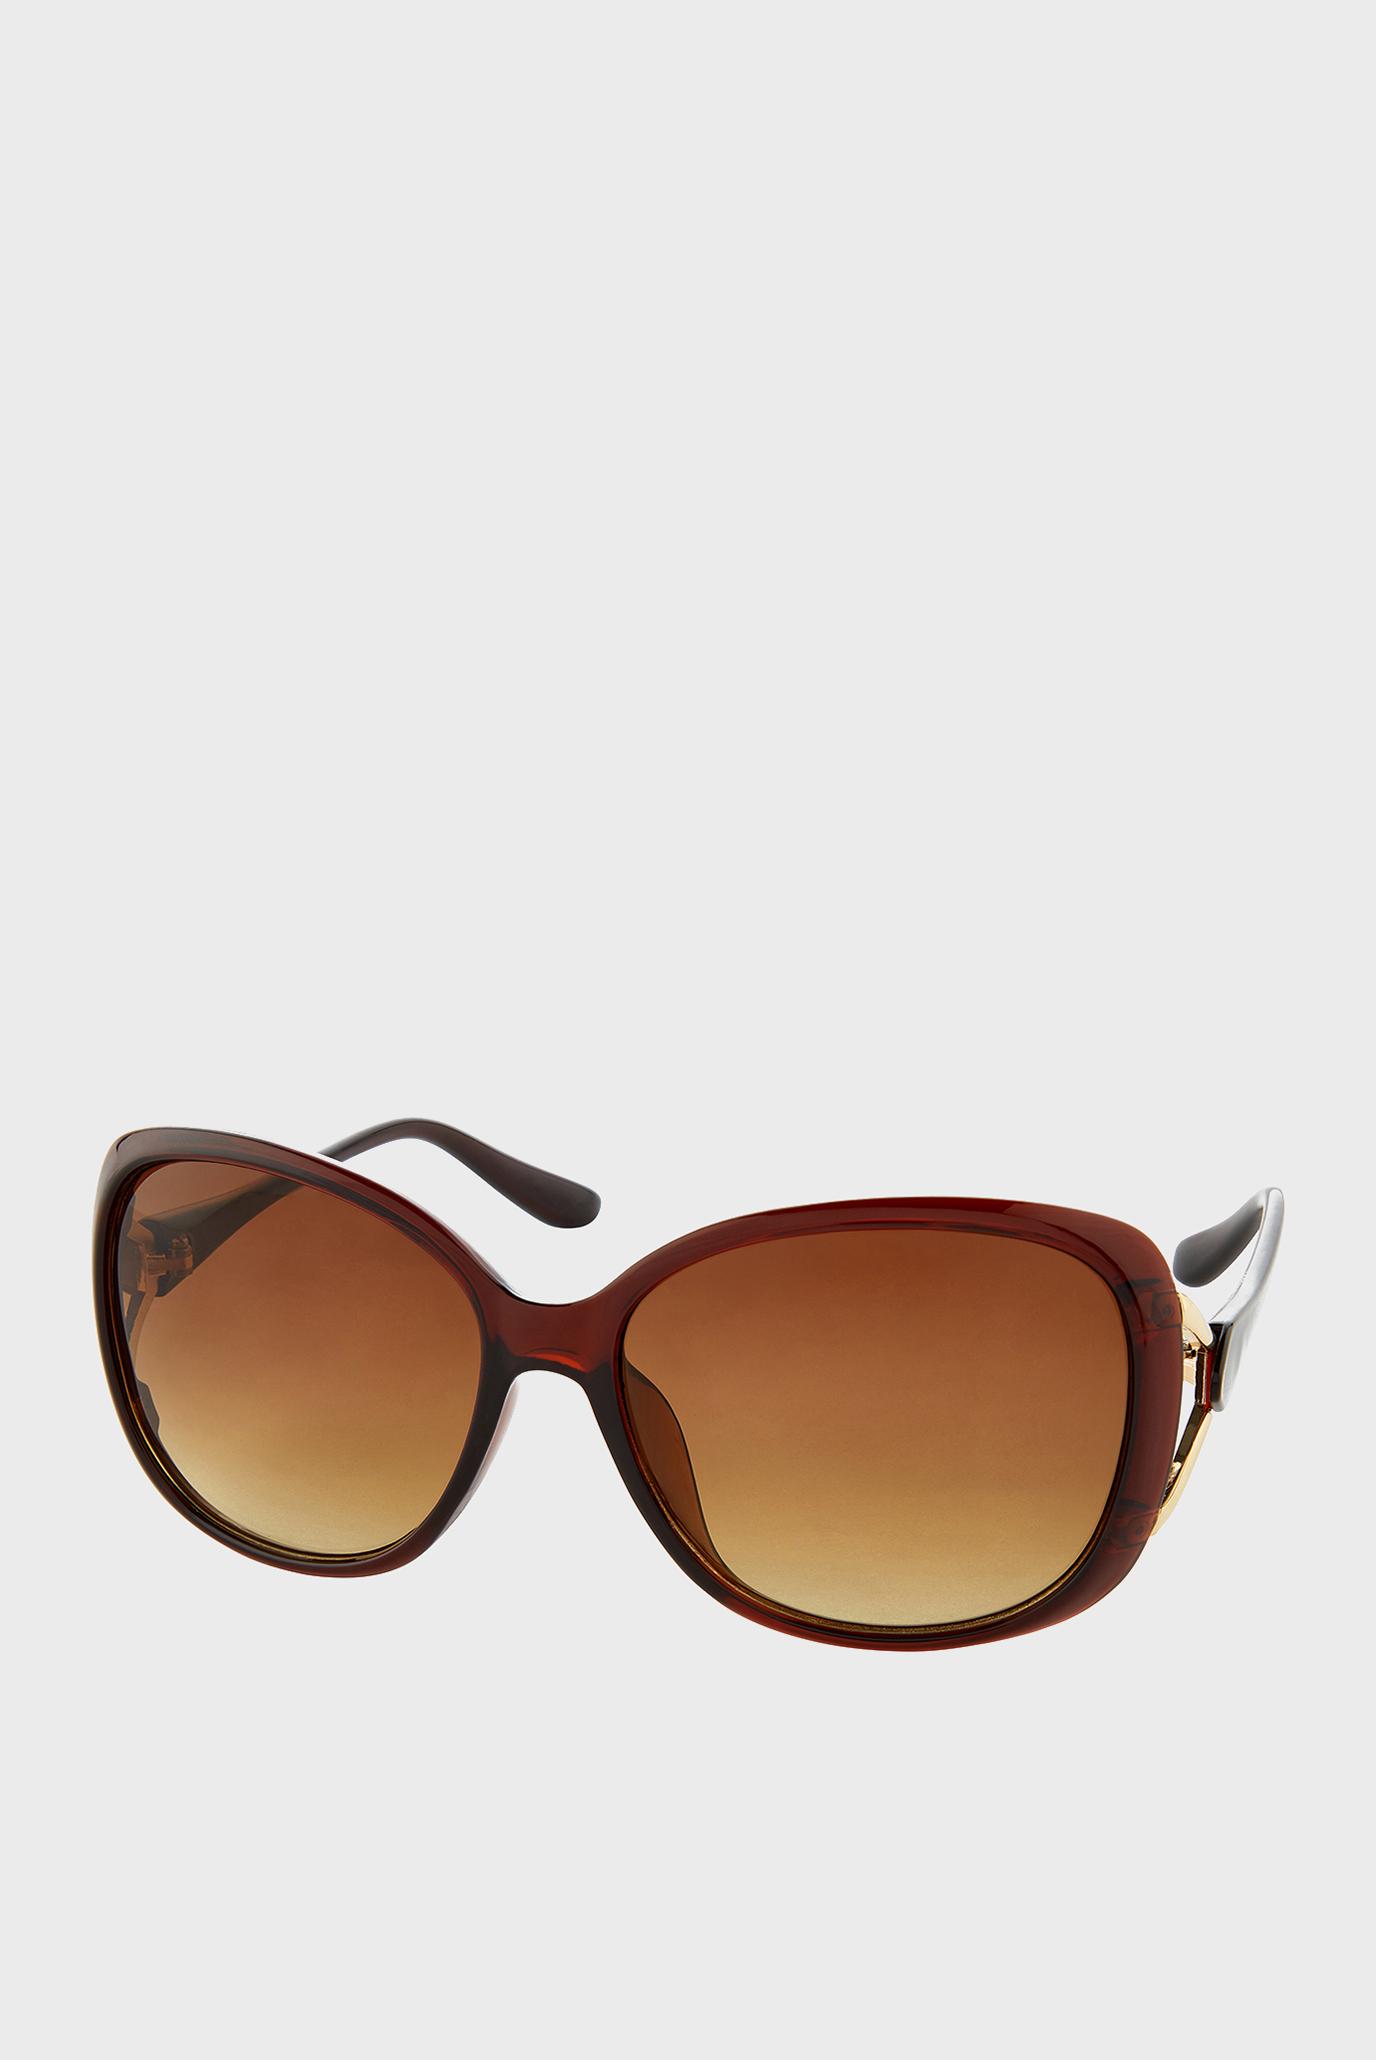 Жіночі коричневі сонцезахисні окуляри RACHEL METAL DETAIL WRAP 1